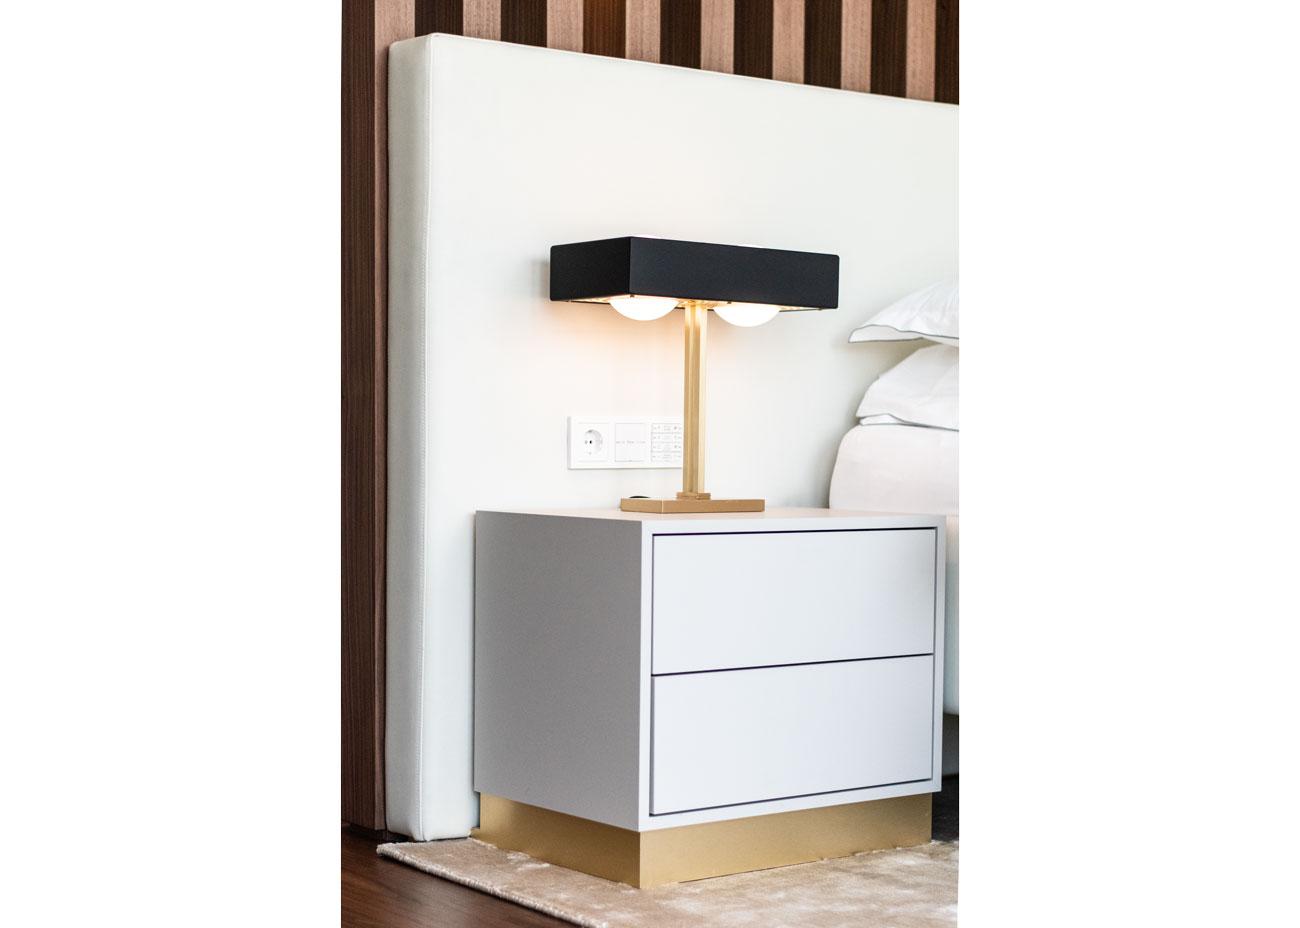 haus einrichten schlafzimmer nachttisch leuchte schwarz messing kissen